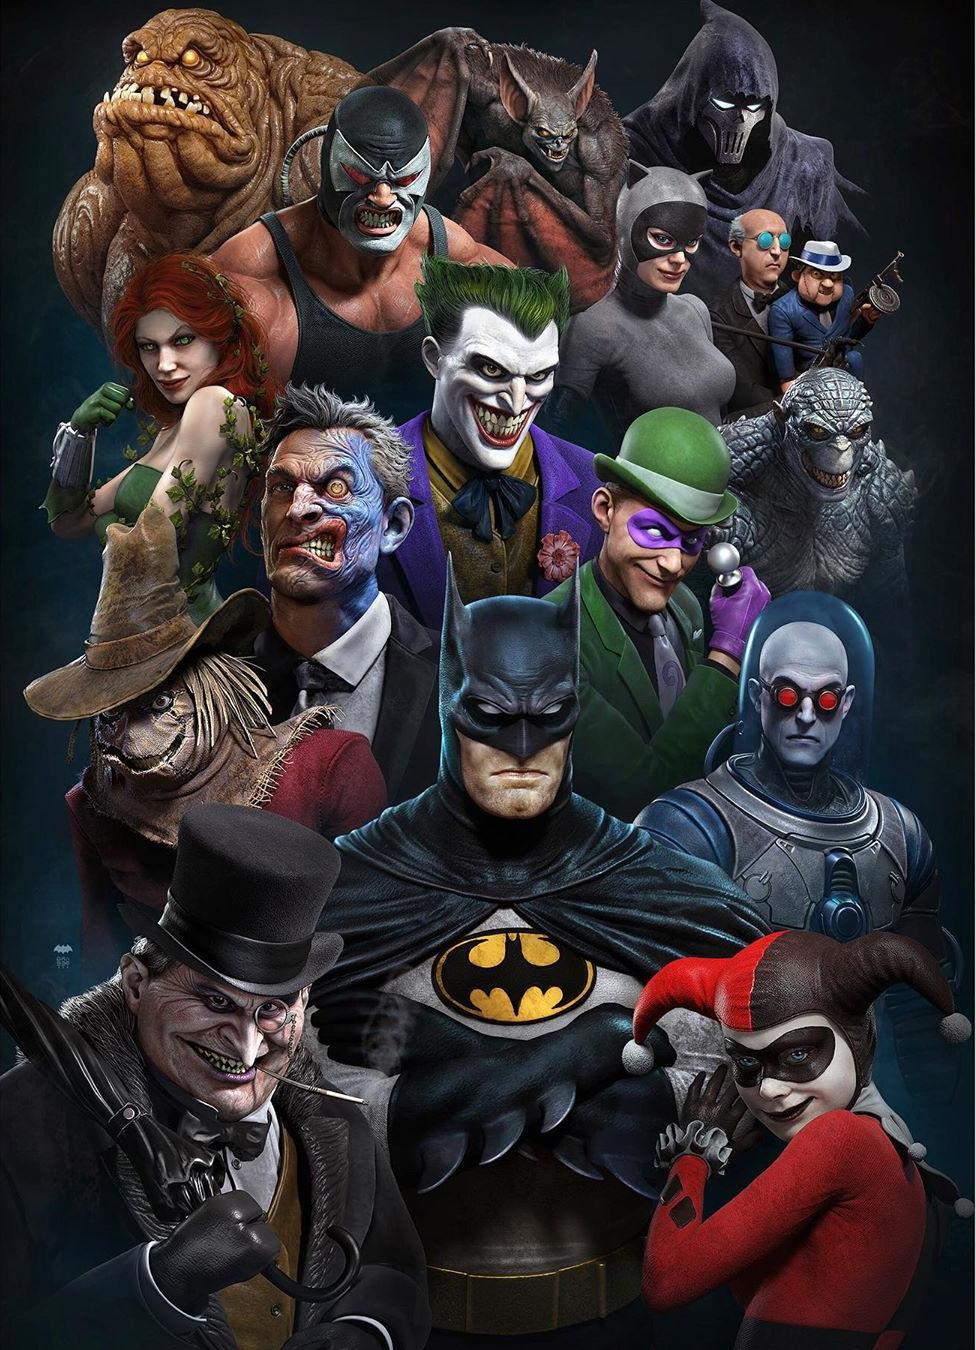 战神艺术总监绘制《蝙蝠侠》角色形象图 效果超赞